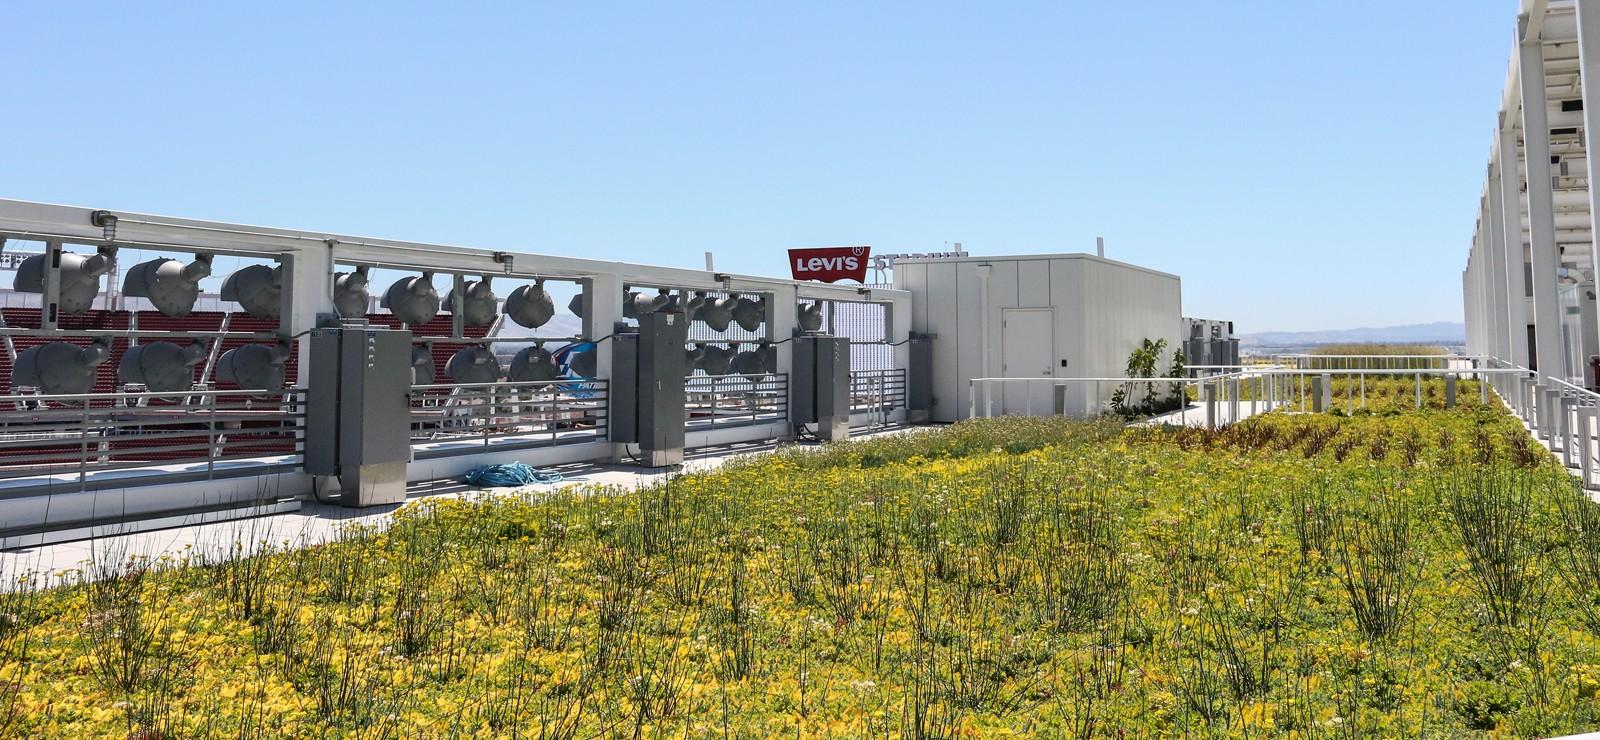 Levi S Stadium S Nrg Solar Terrace Green Roof In Vines